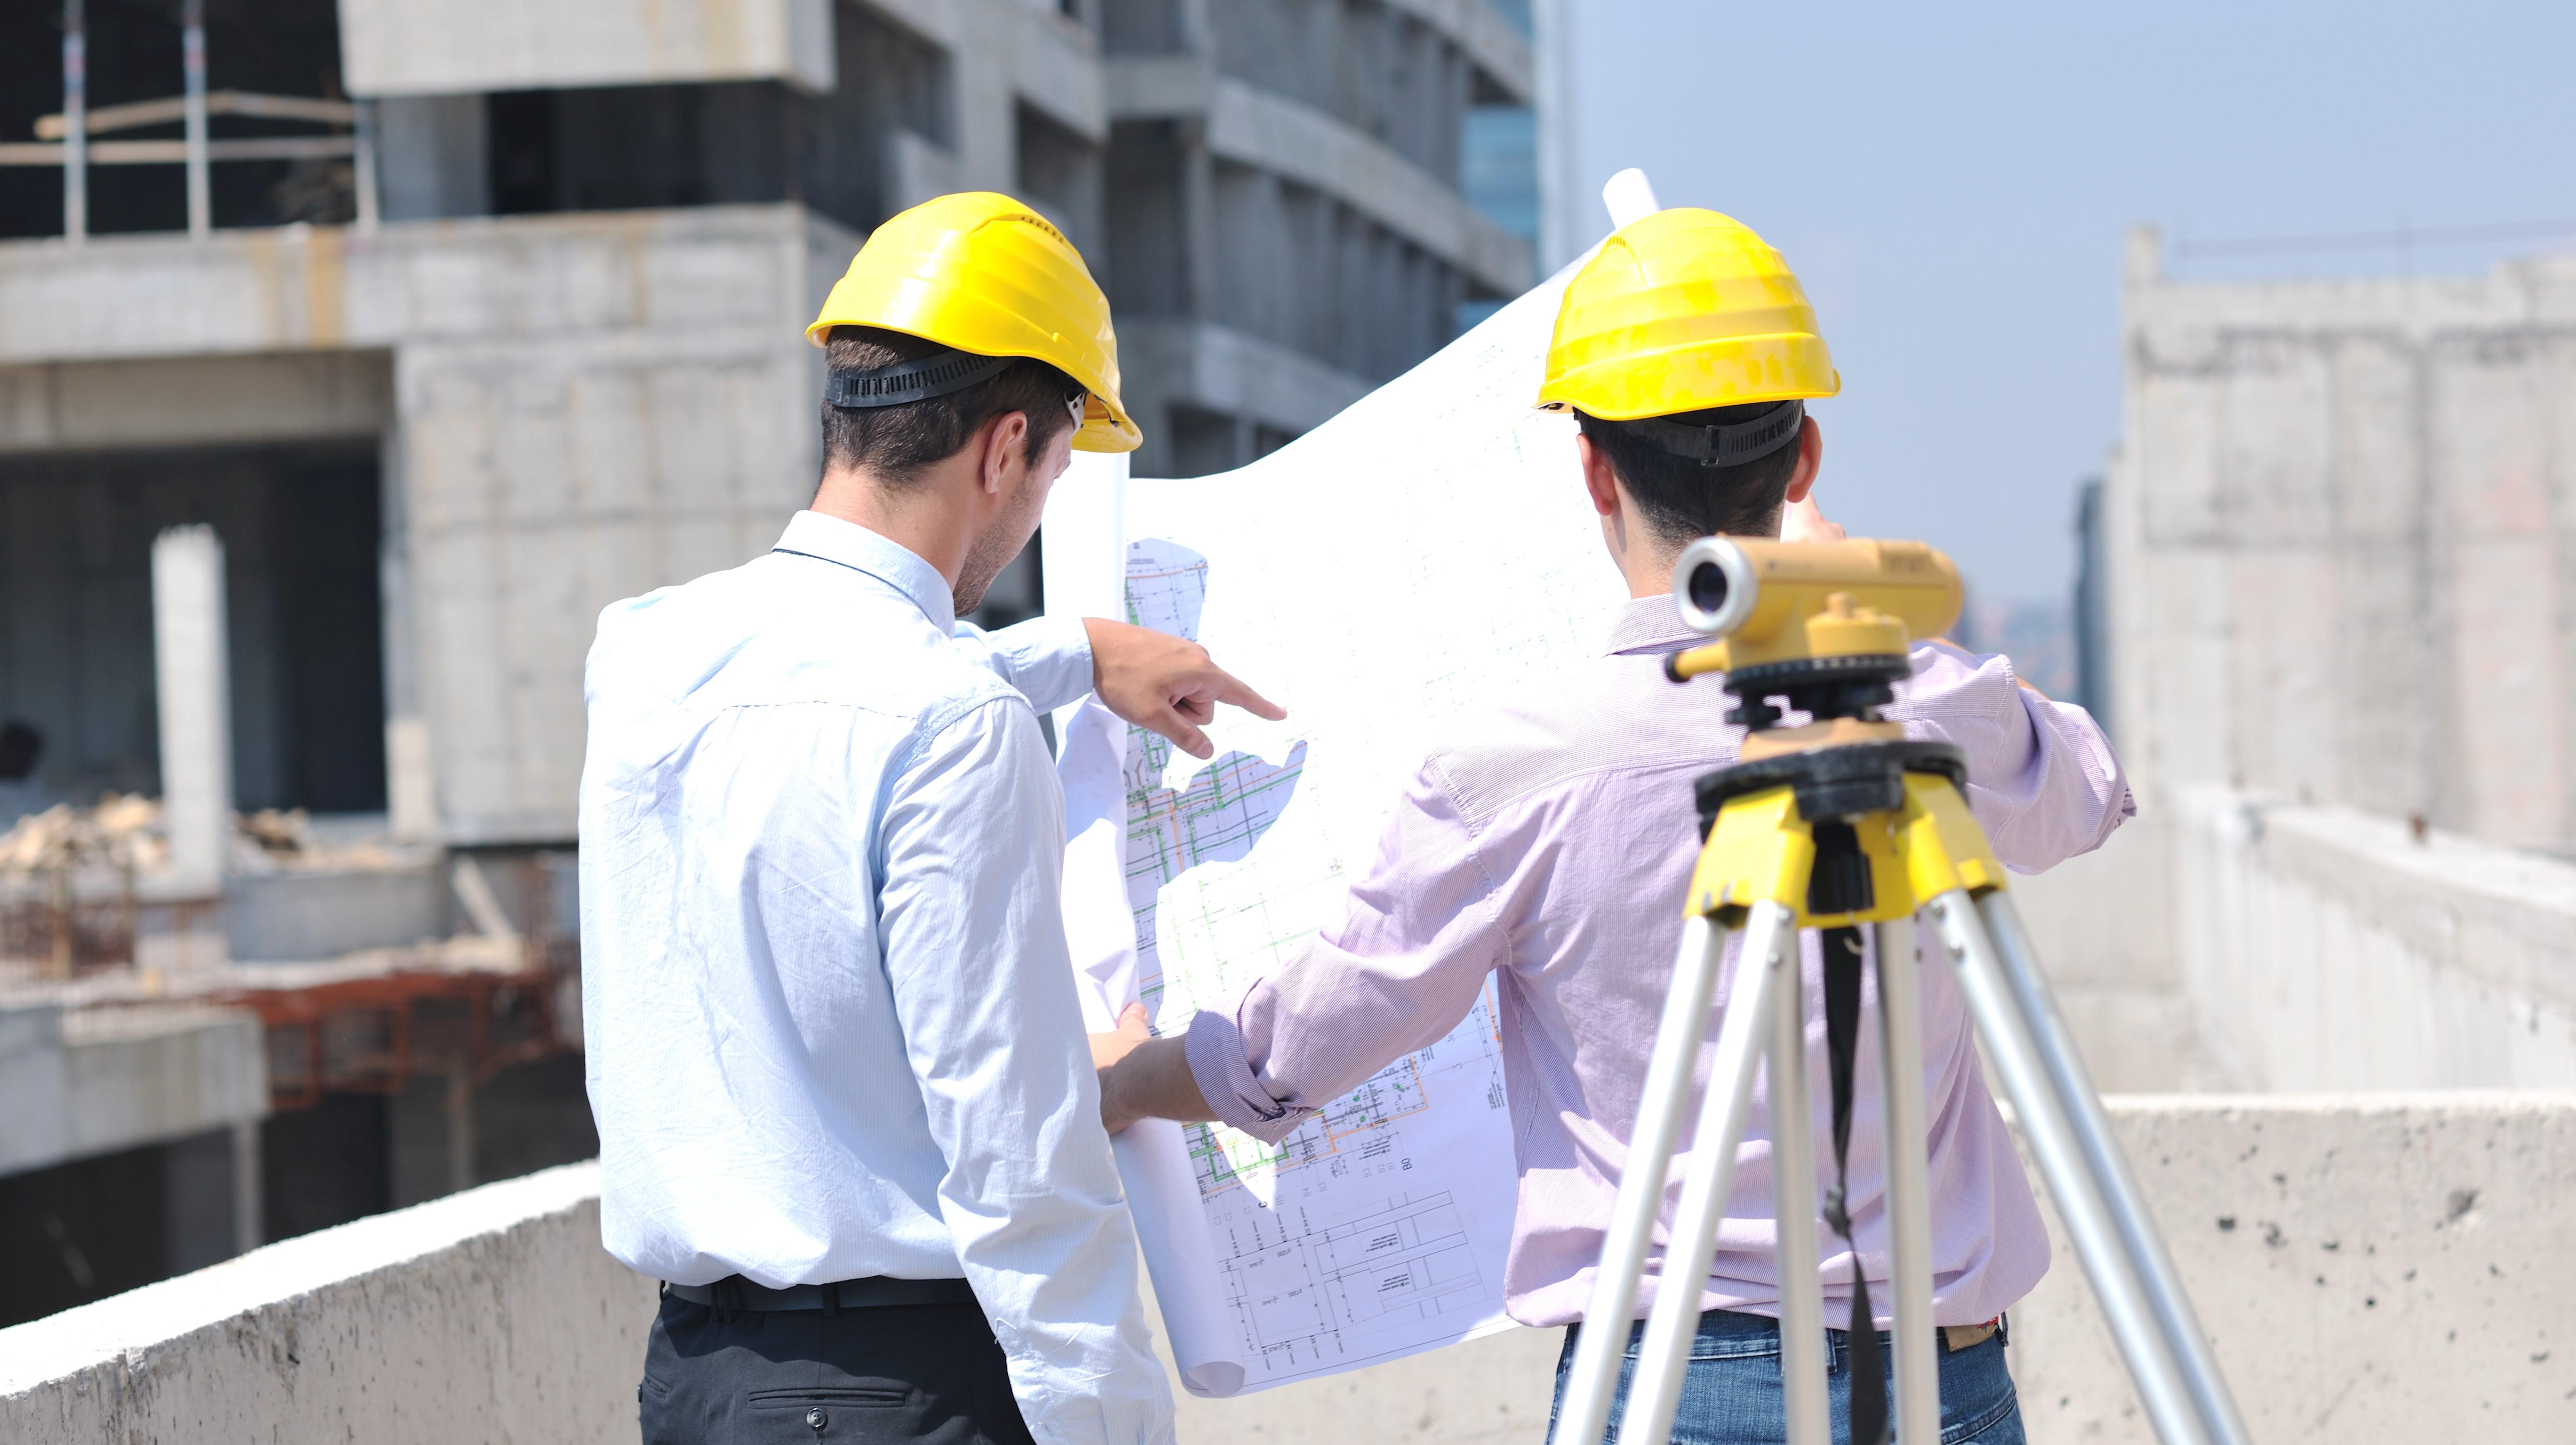 Anbud365: Mangelfull etterlevelse av anskaffelsesreglene hos eiendomsgigant